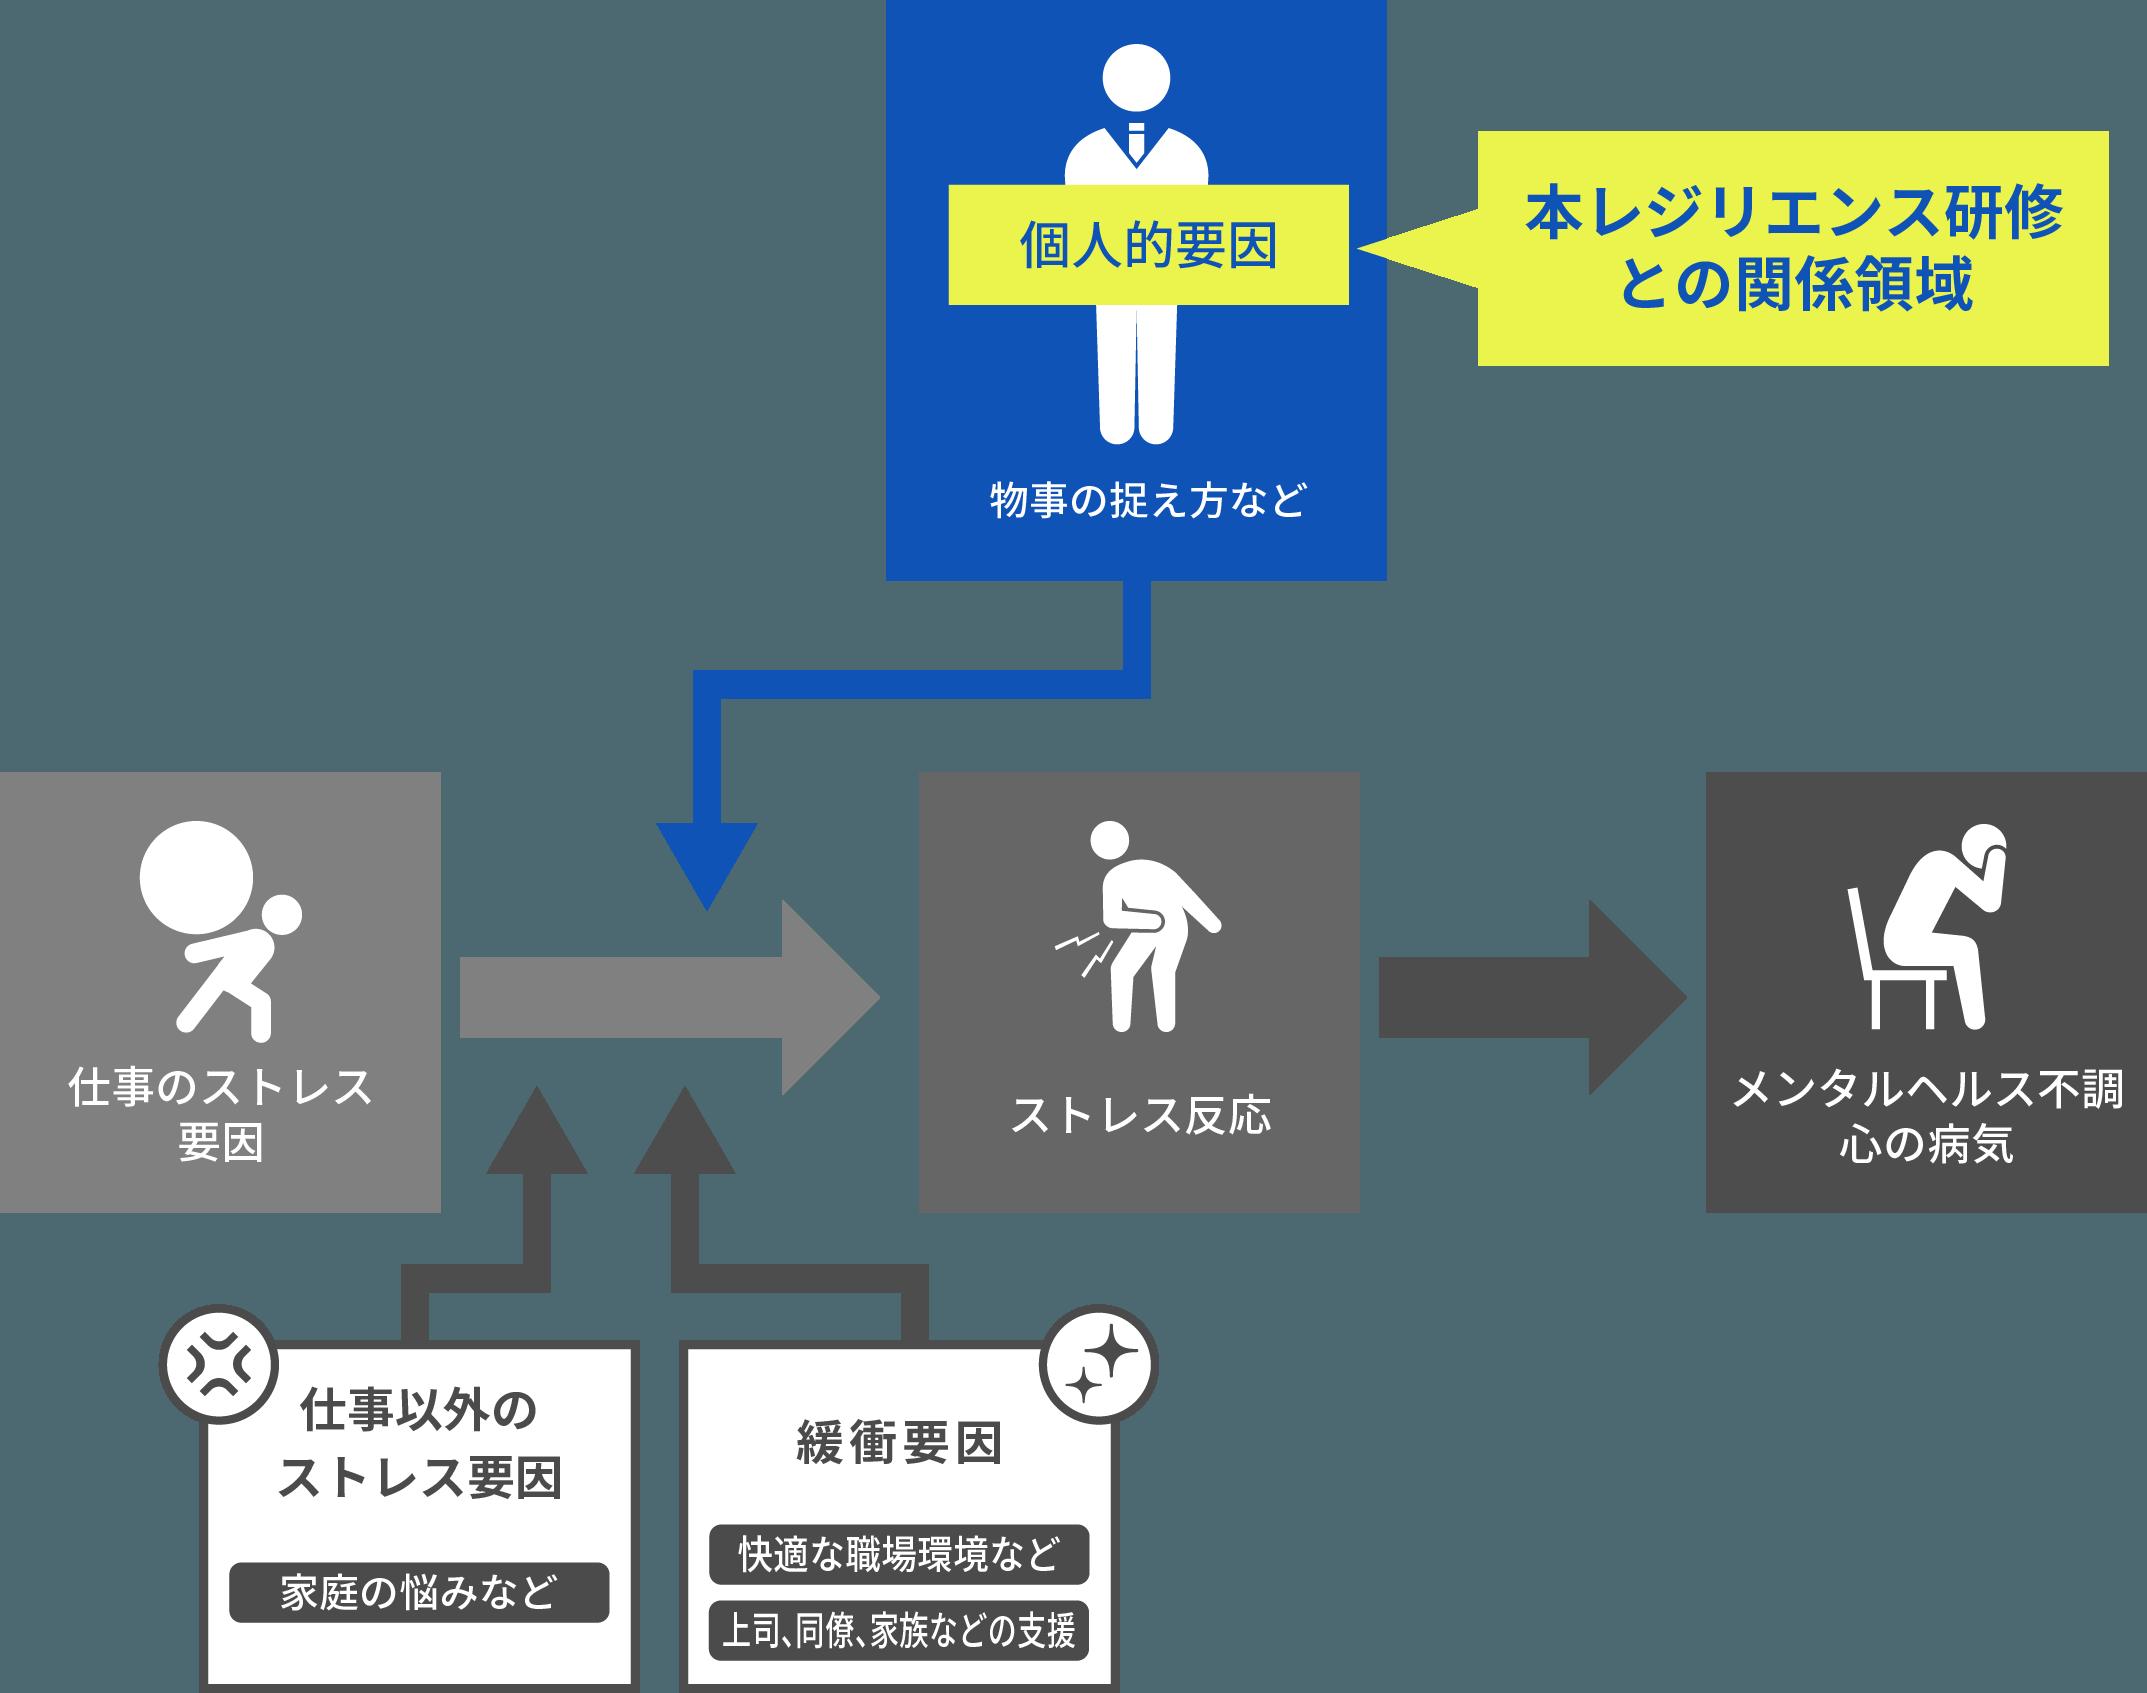 メンタルヘルス不調の原因と予防策